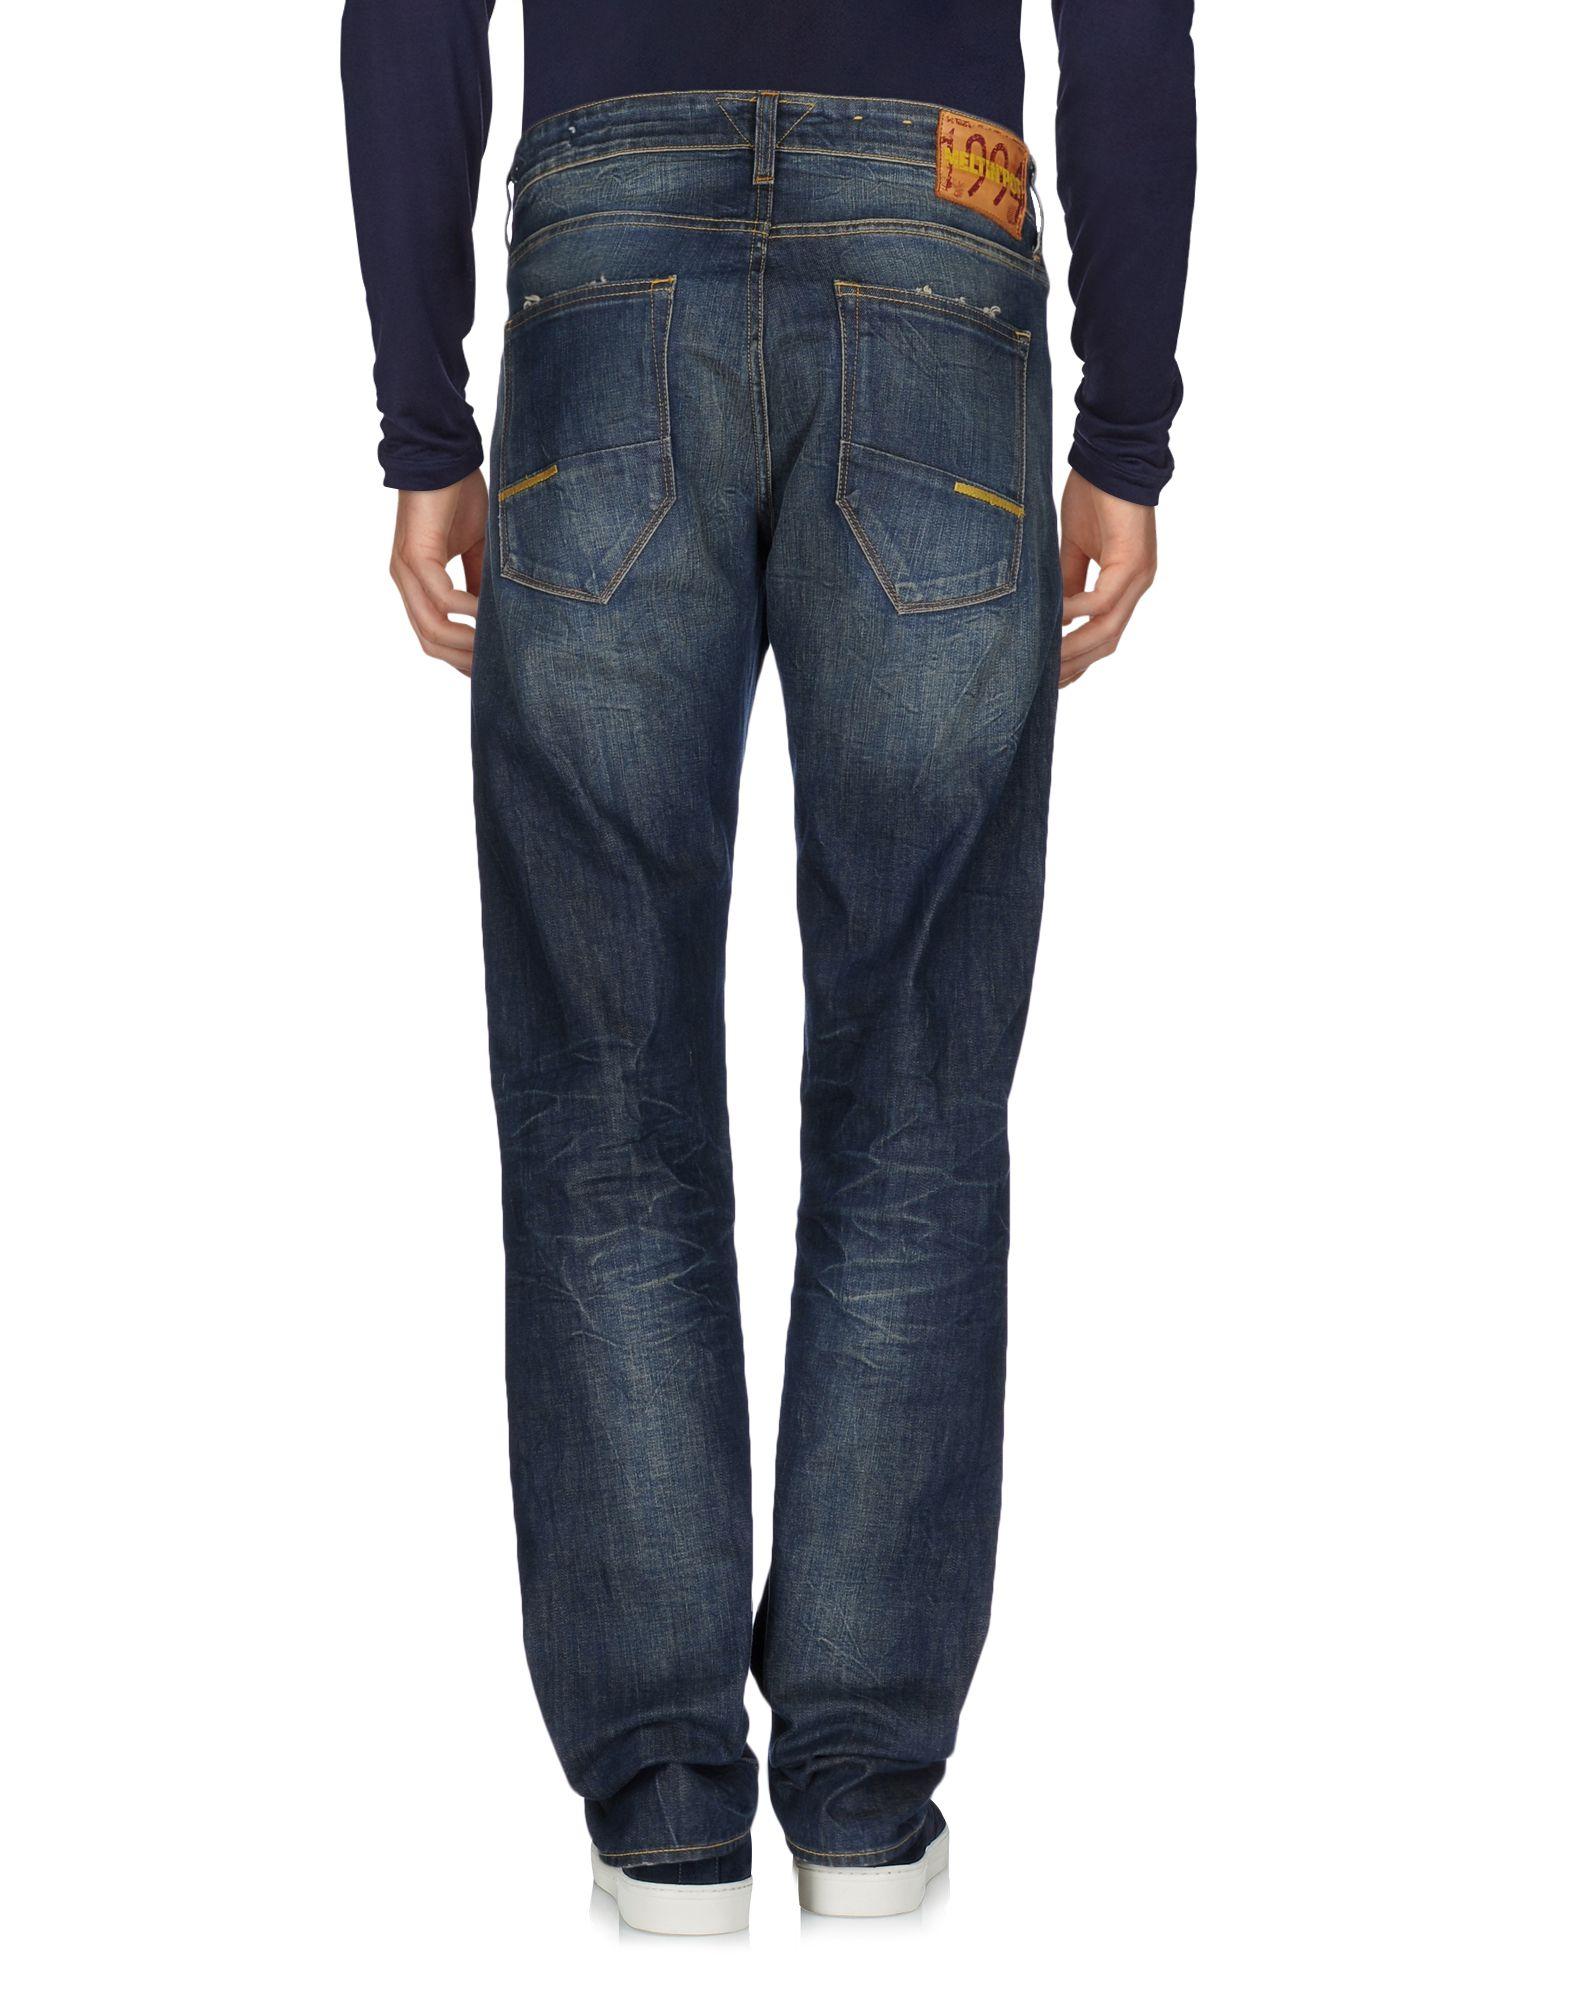 Pantaloni Jeans Meltin 42525628HN Pot Uomo - 42525628HN Meltin 80a856